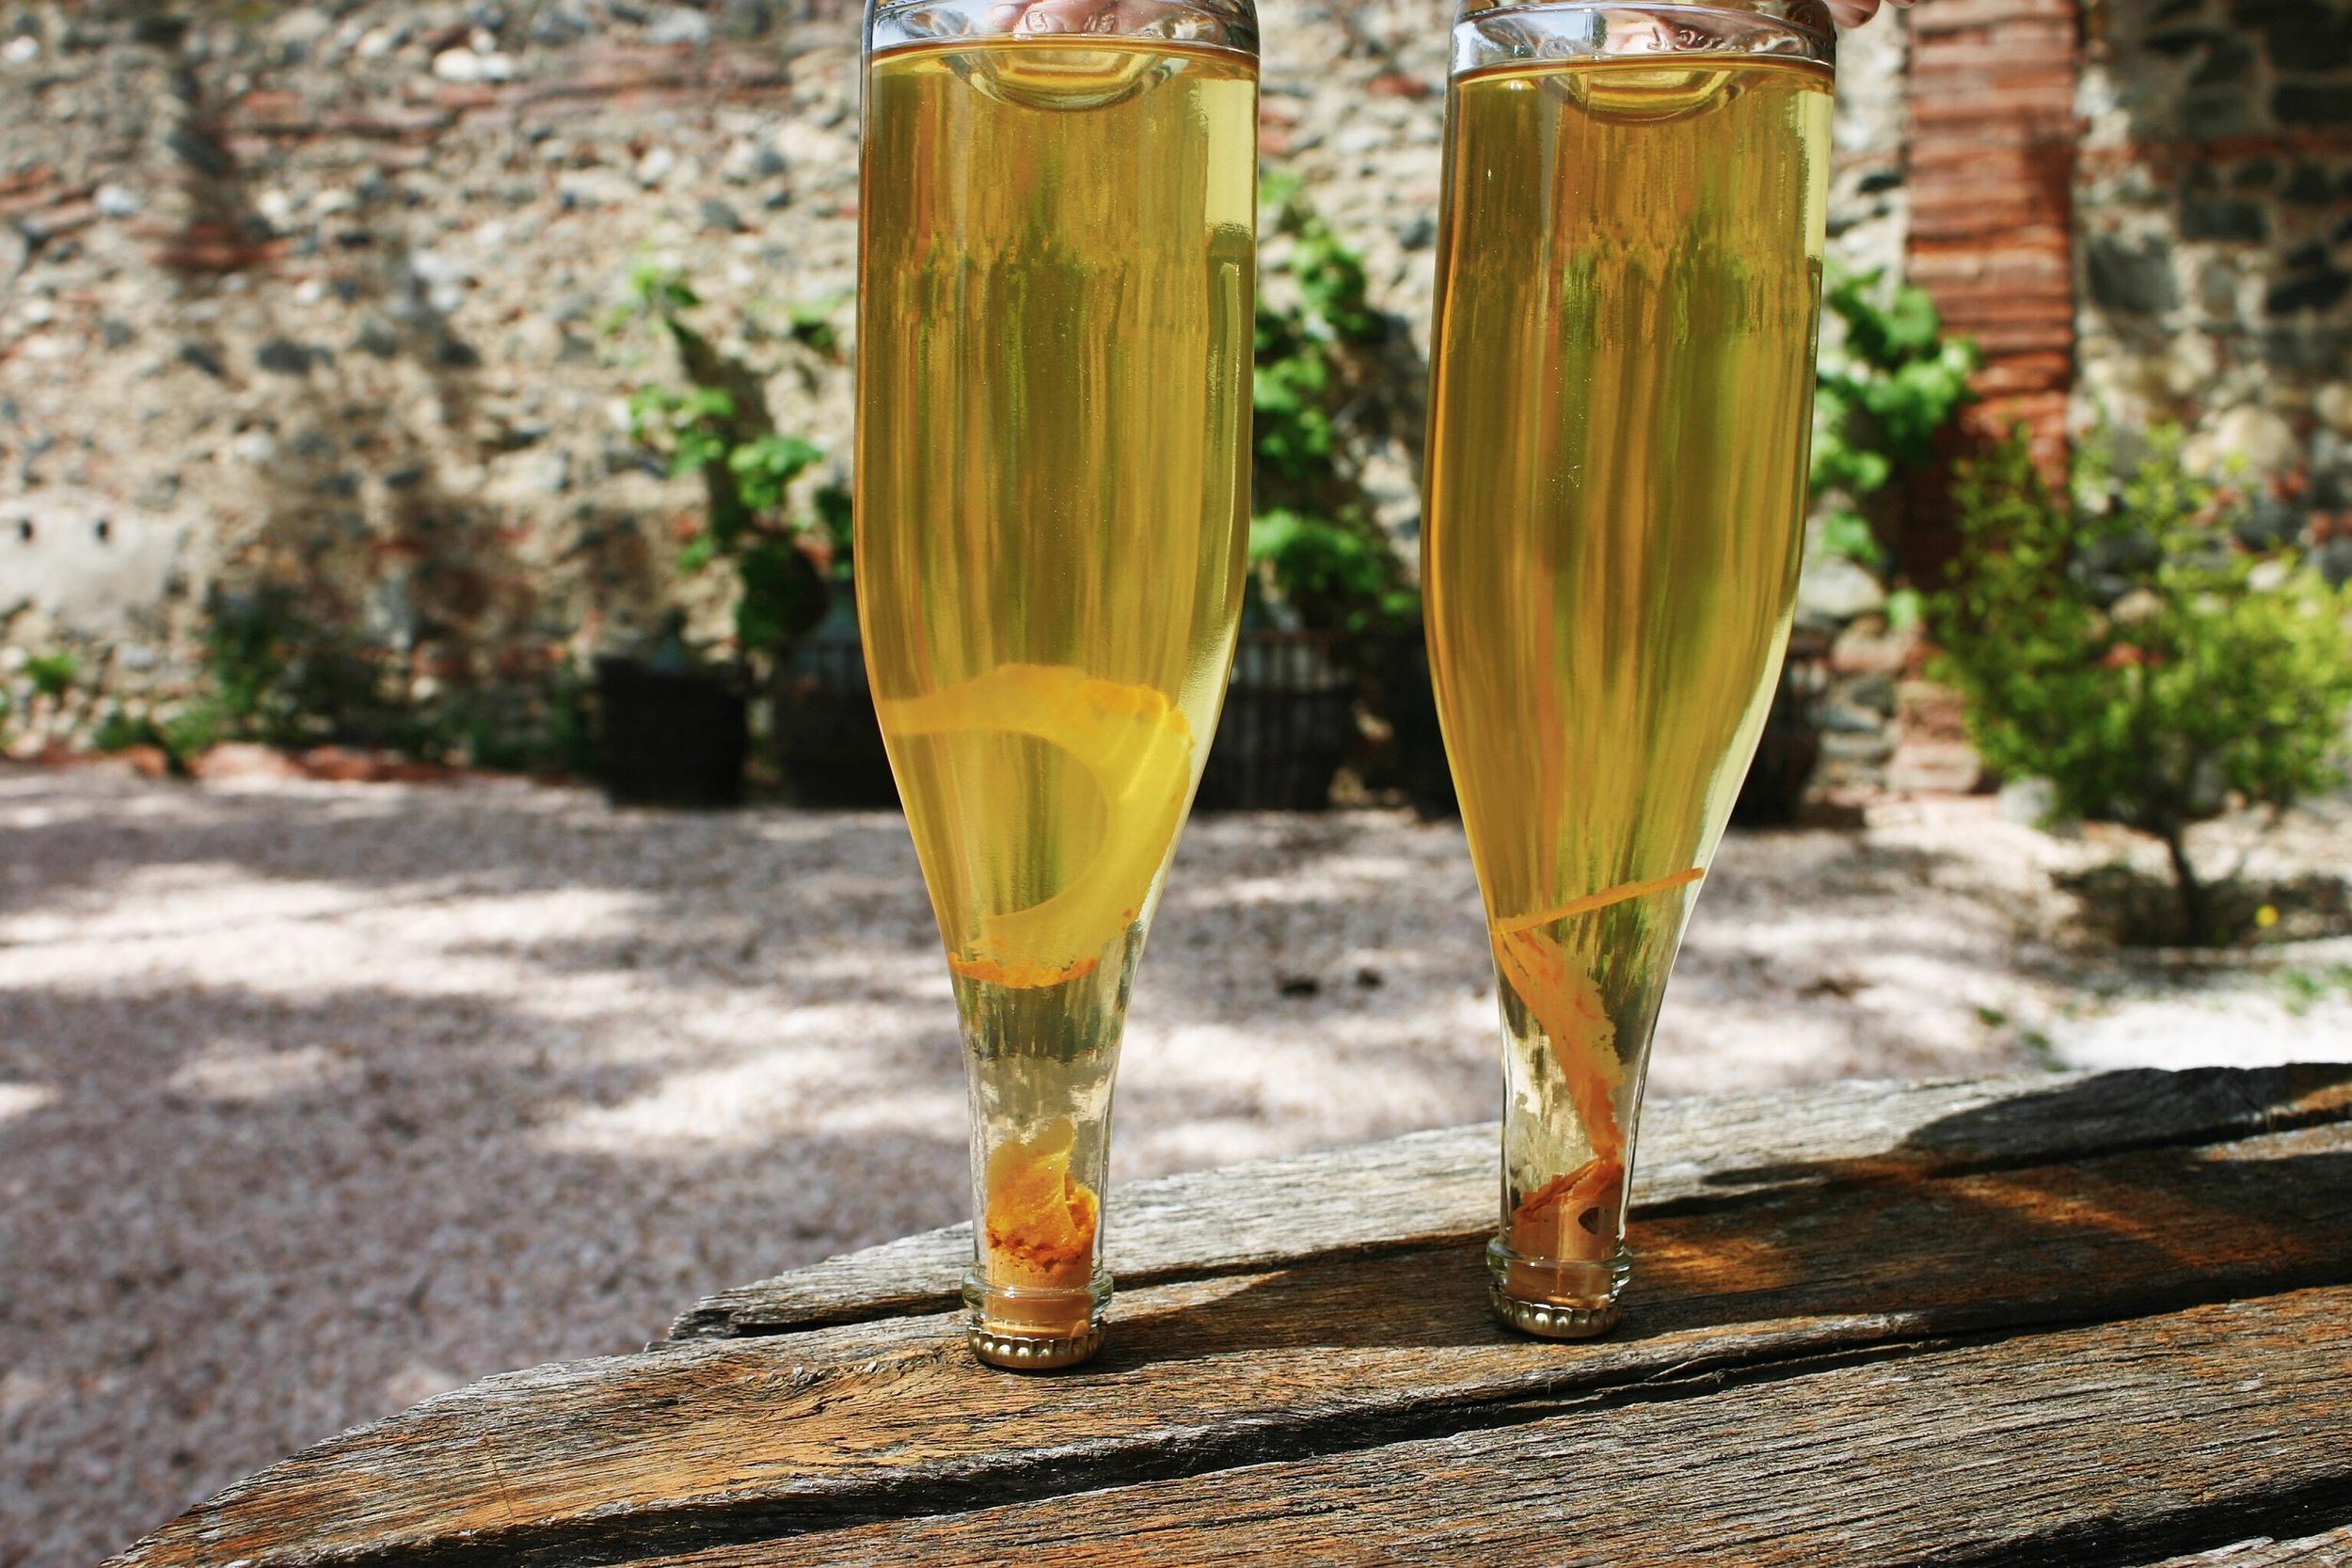 Photo courtesy of vineyardgate.com.